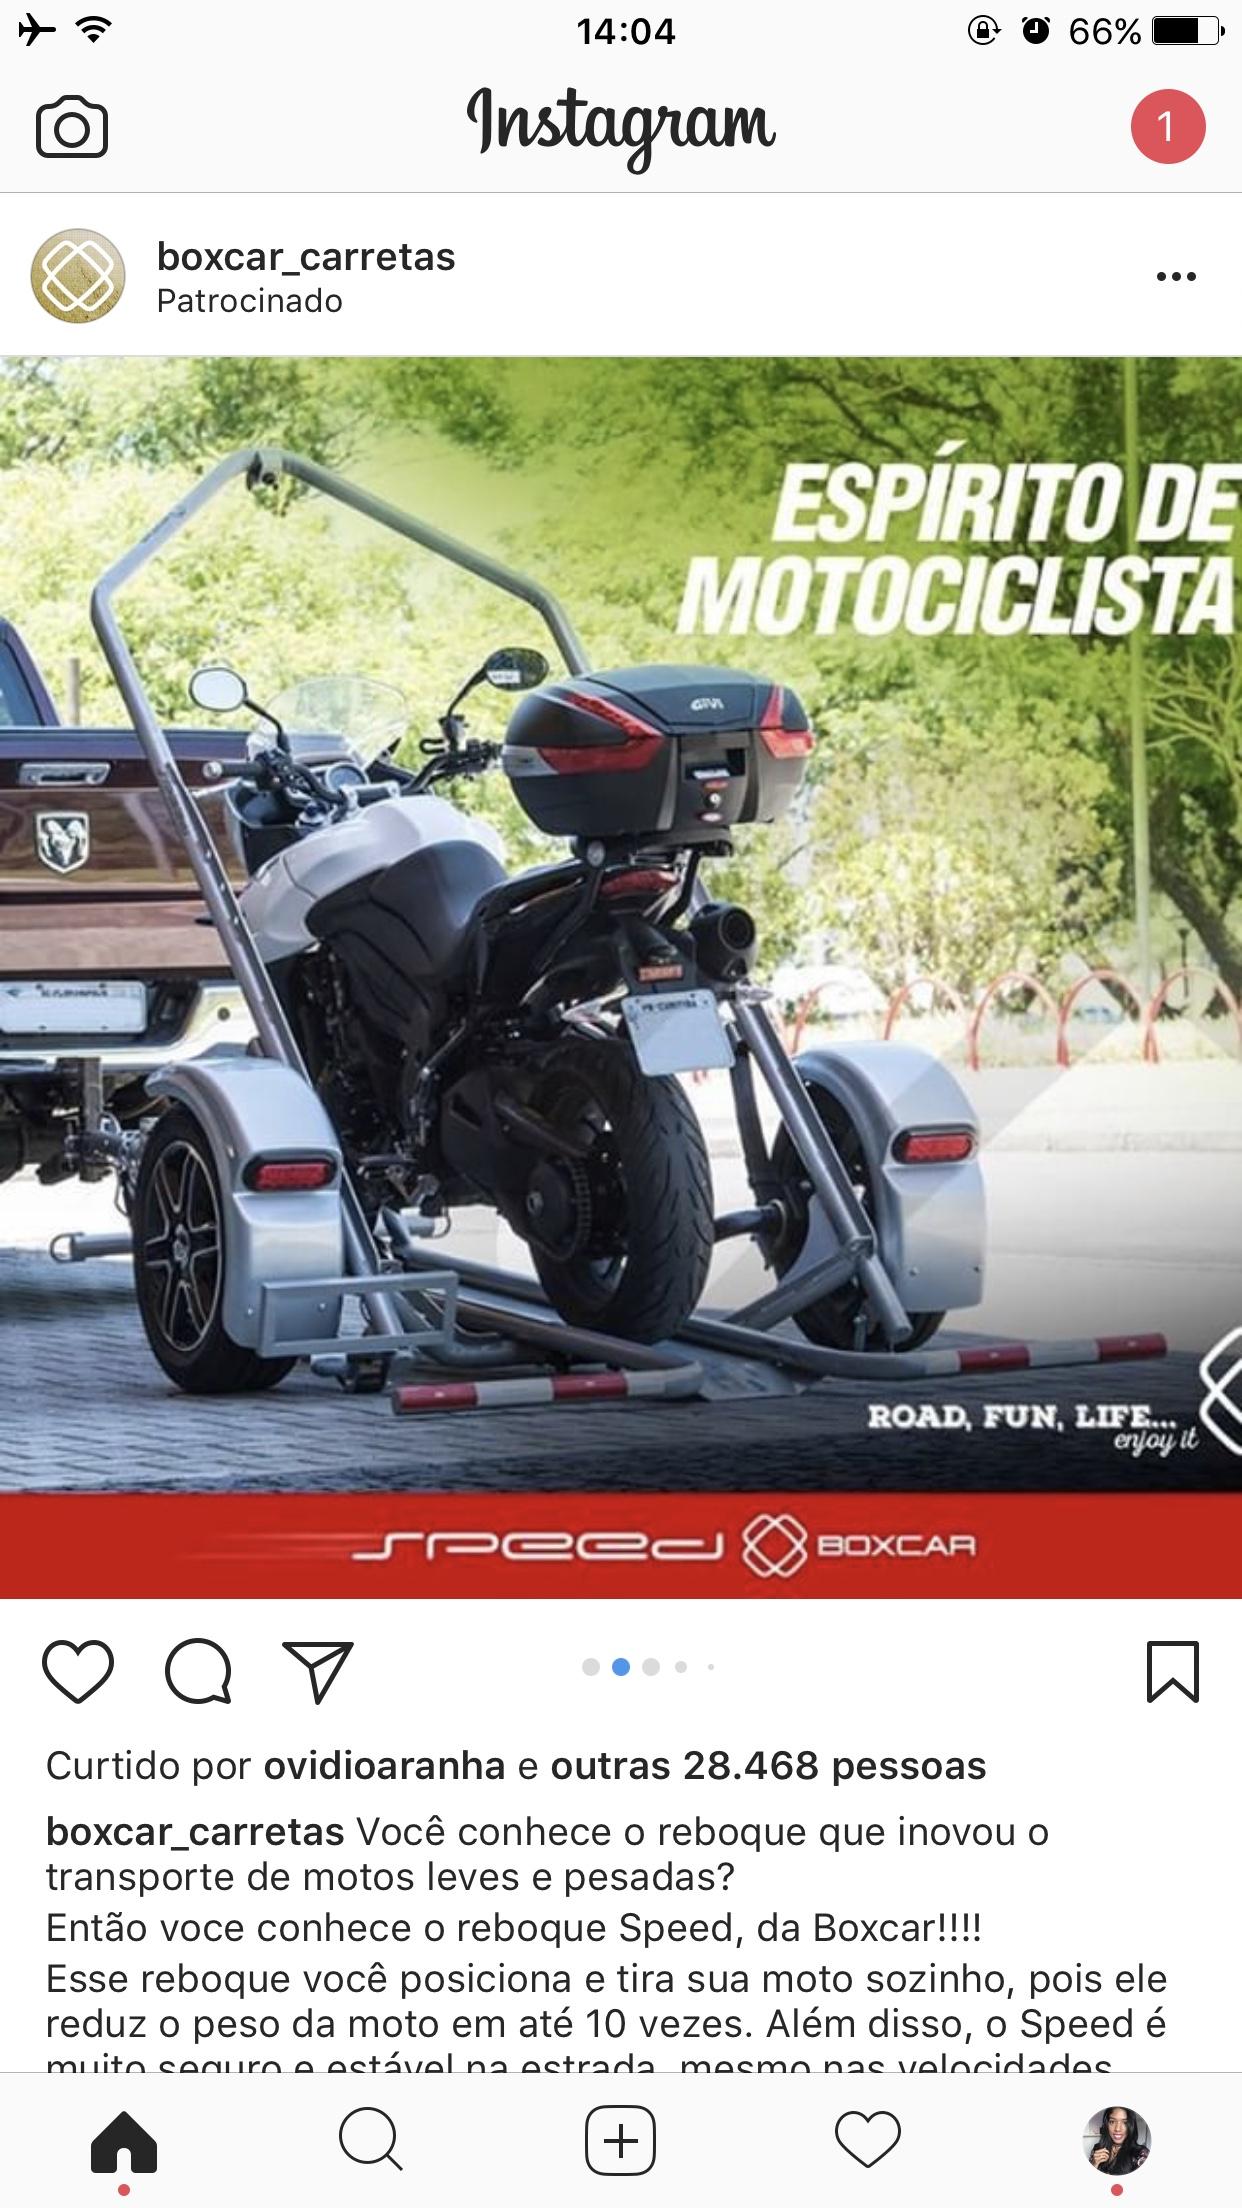 anuncios-do-instagram-para-conversao-do-site (4)